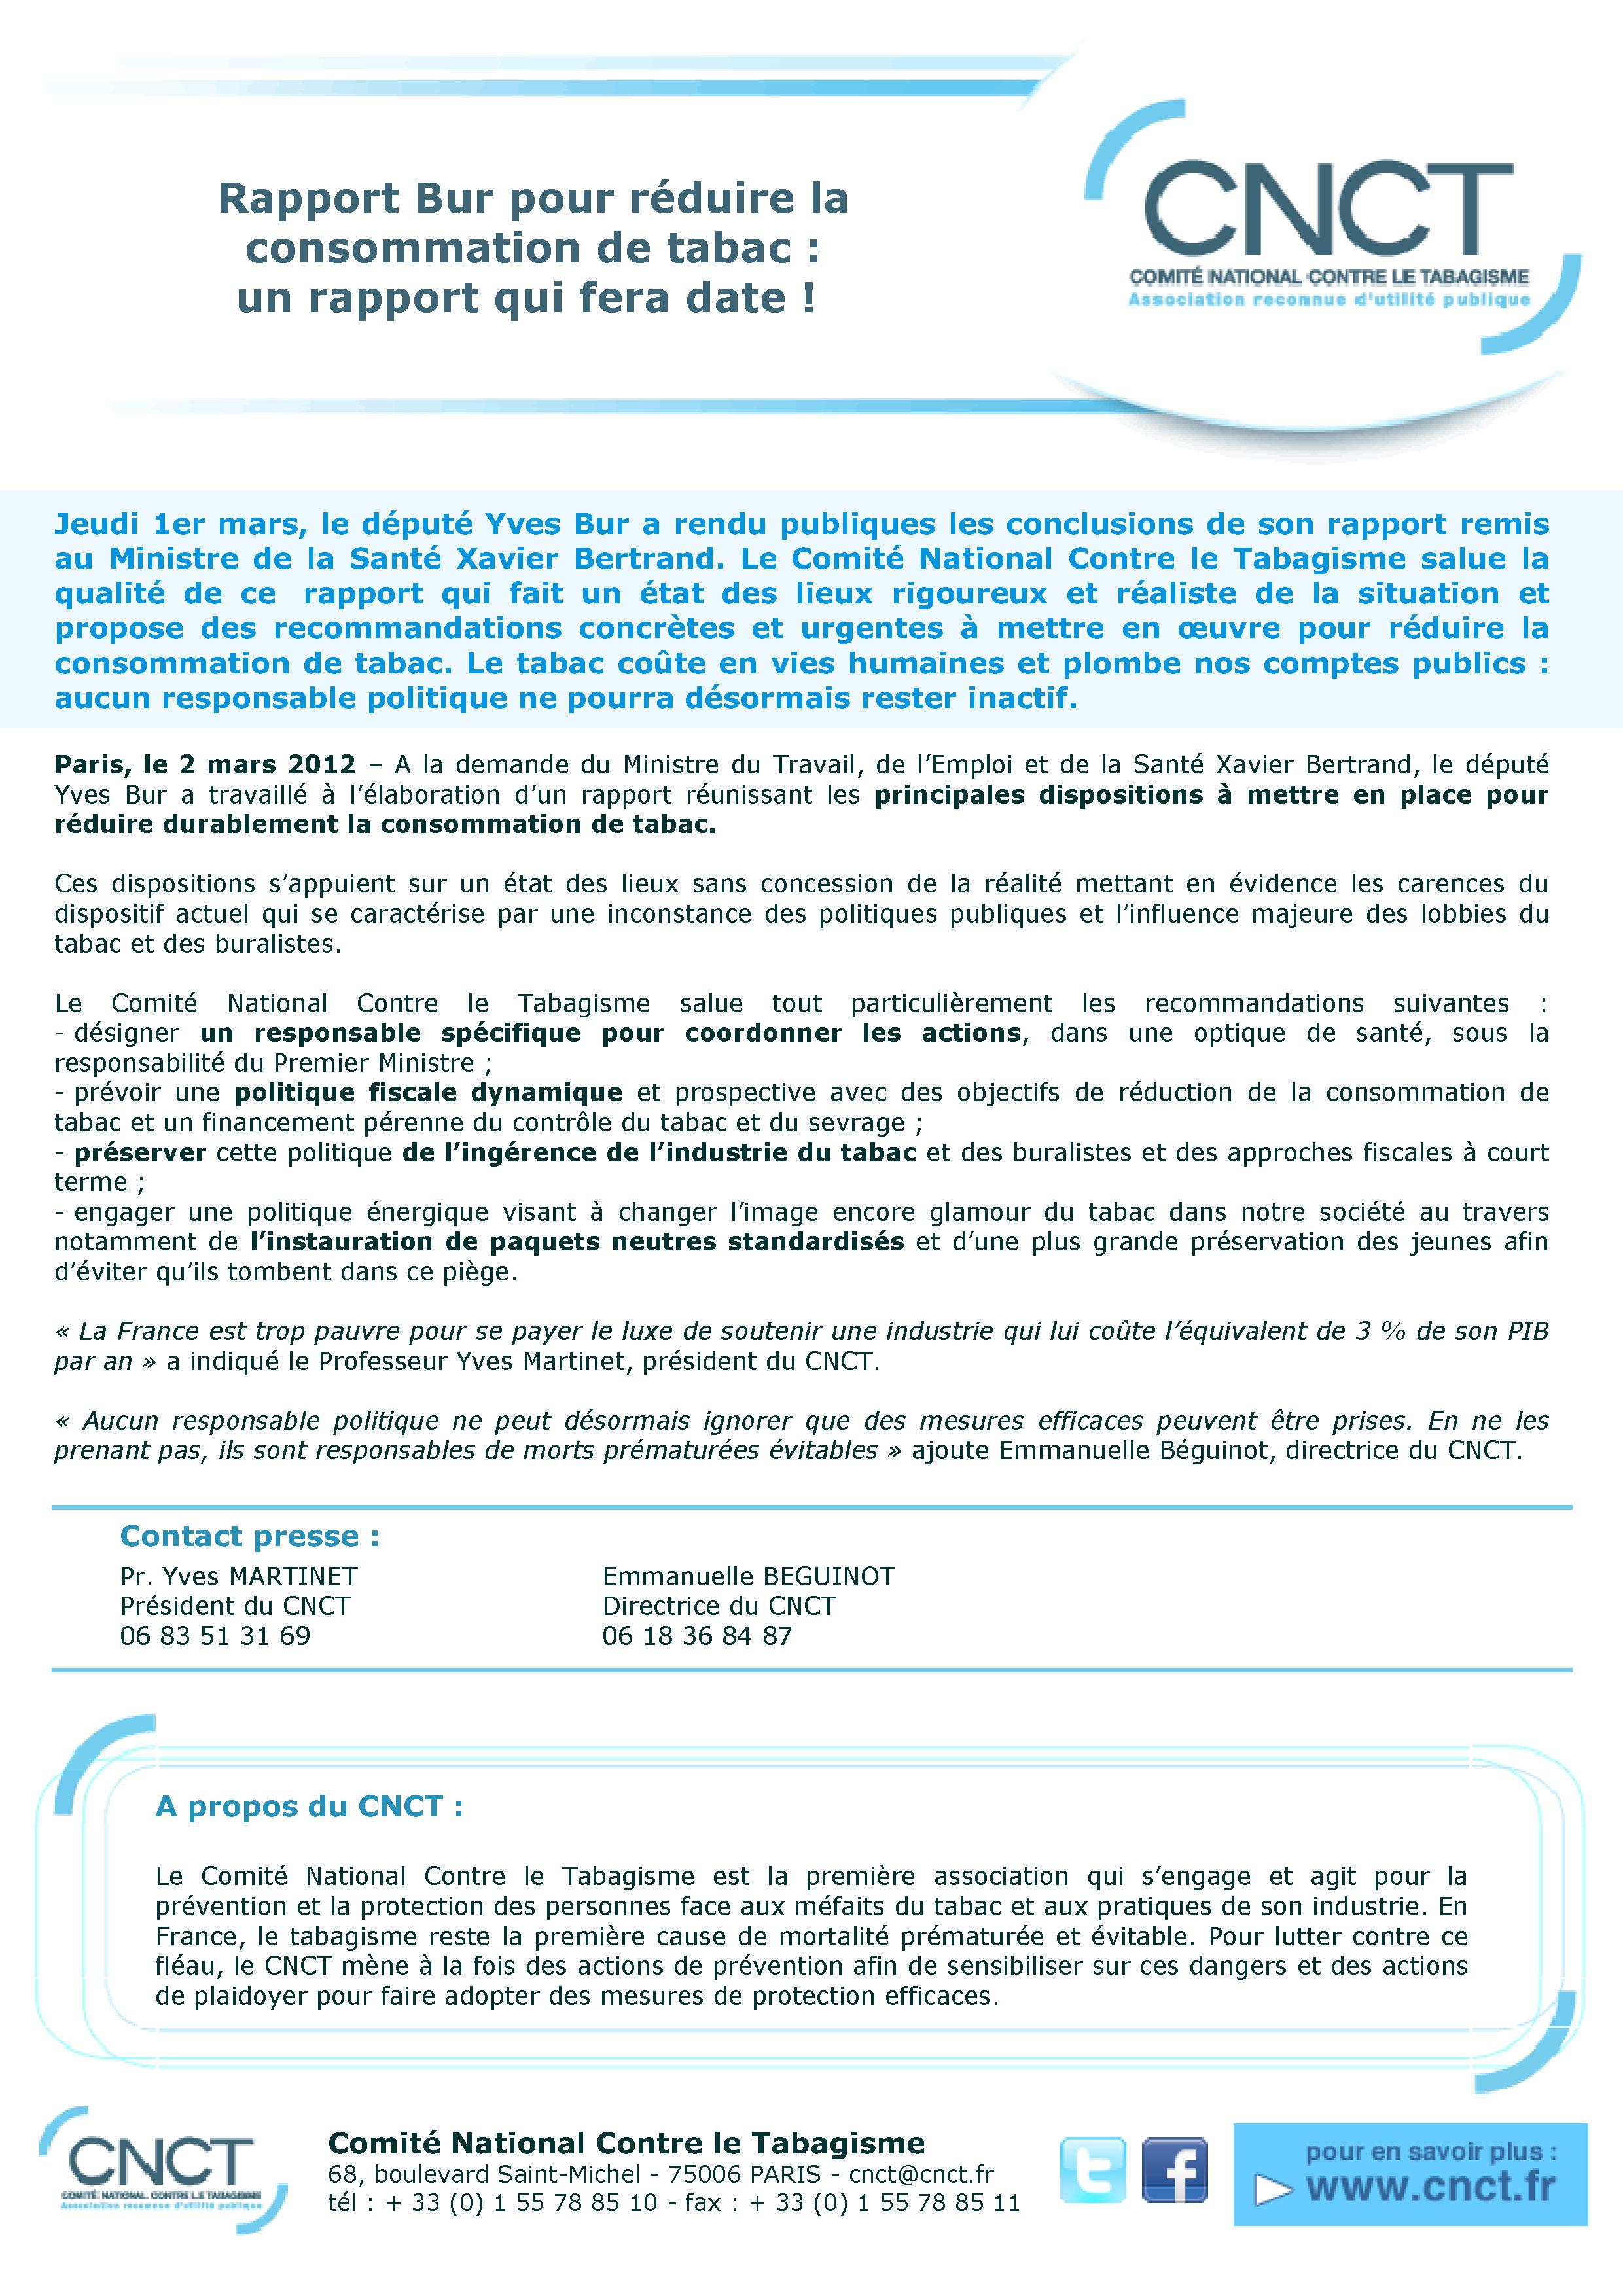 CNCT-CP_rapport-bur-pour-reduire-la-consommation-de-tabac-02mars2012.jpg